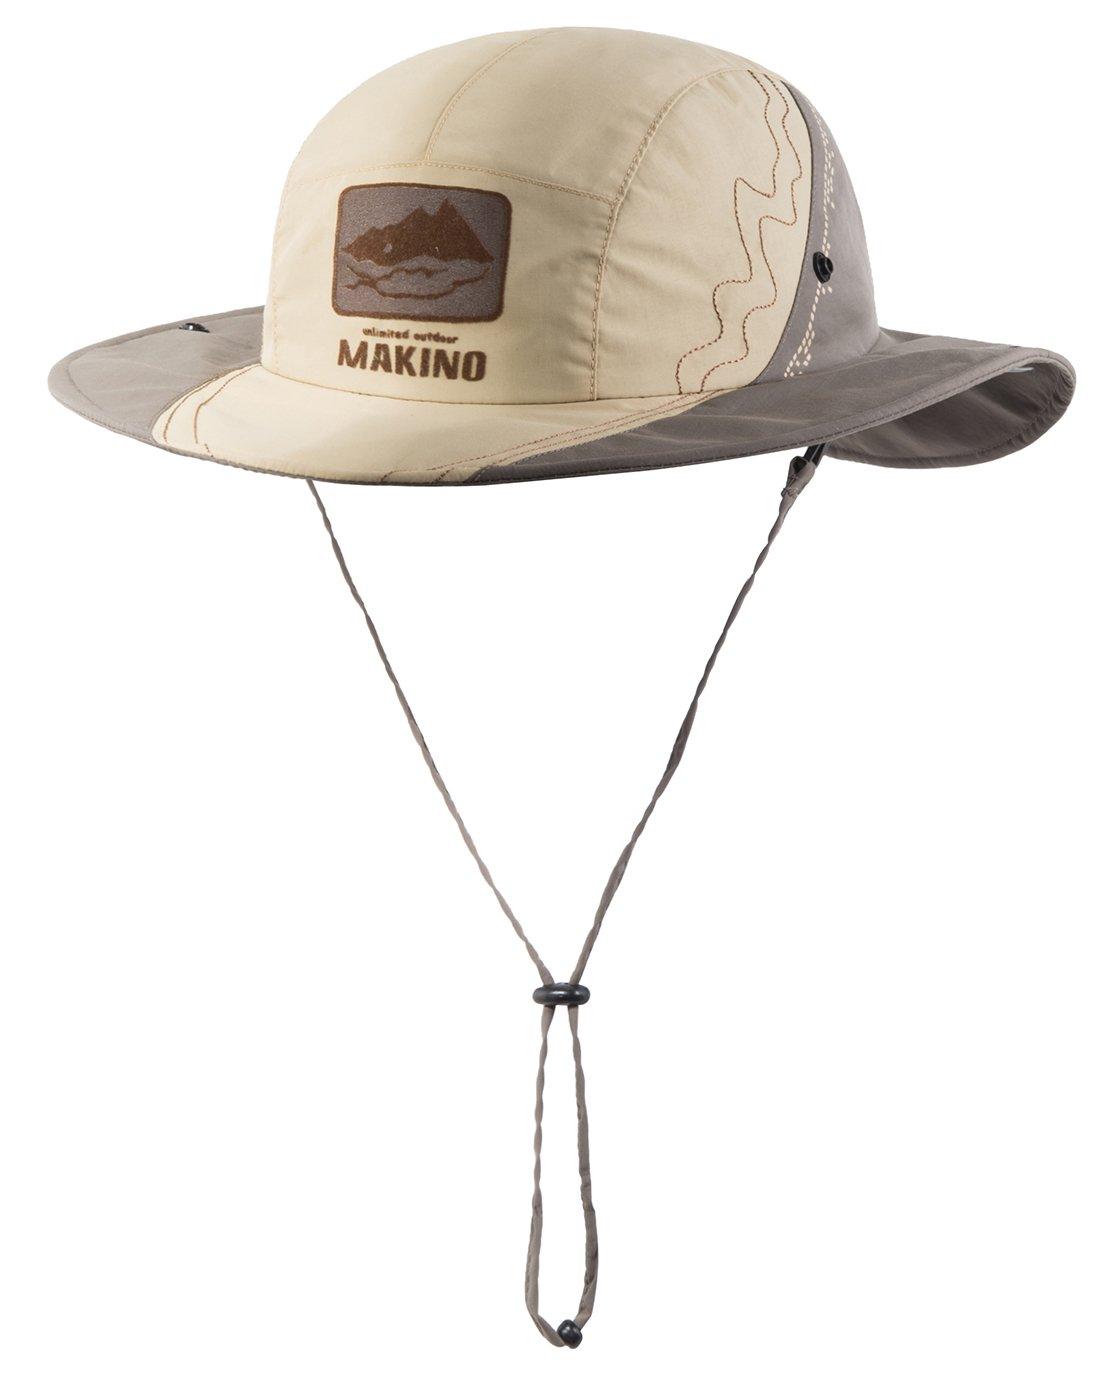 マキノ 日よけ帽子 防水 ユニセックス ハイキング トレッキング 釣り 登山 頭周り22.8インチ/58cm B01H6NNNHA  Khaki+Light Grey